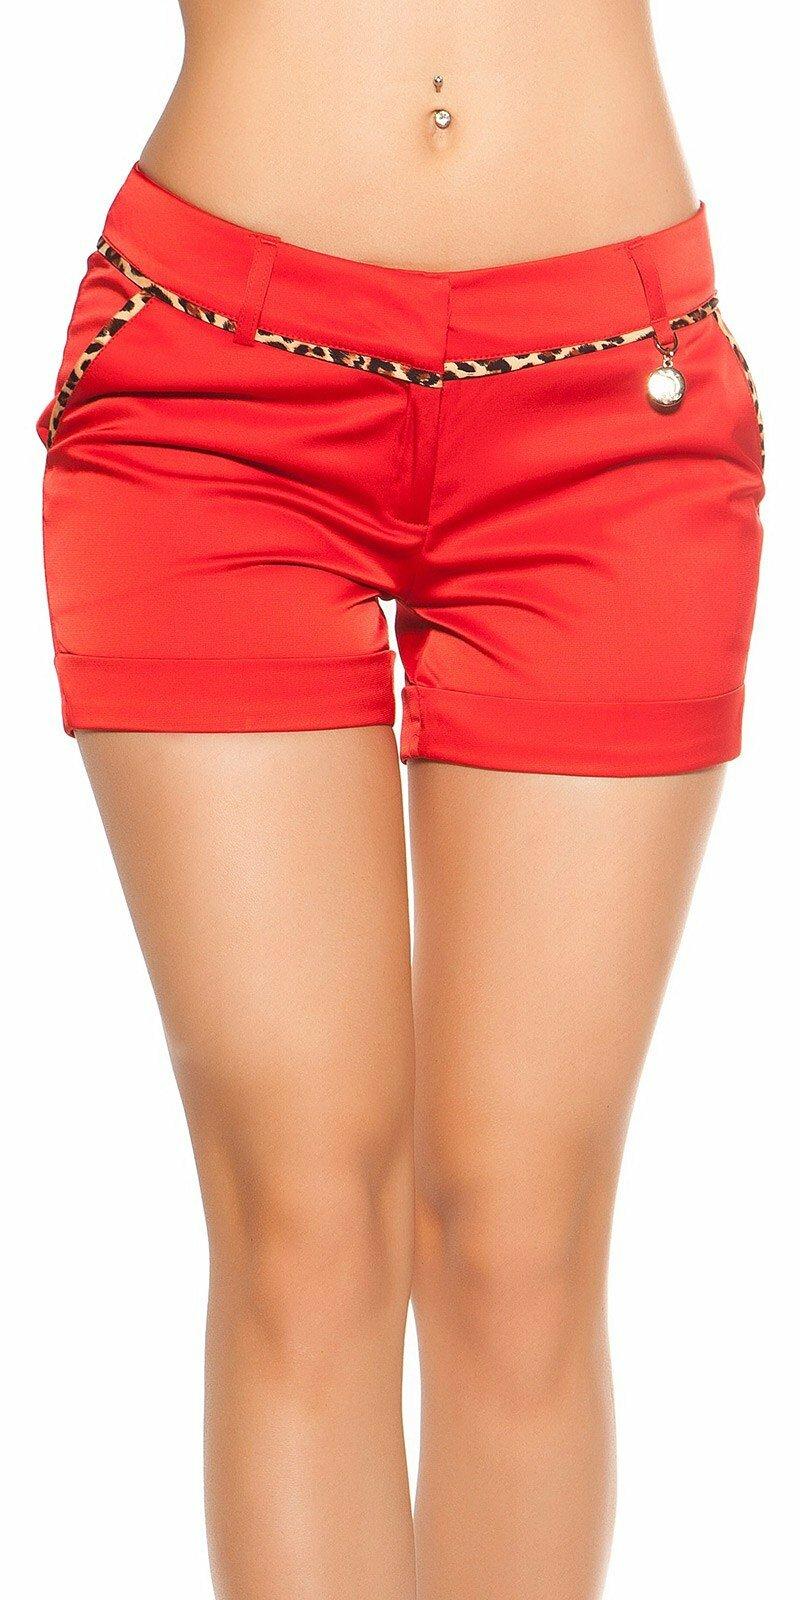 Dámske šortky s leopardími vzormi #Veľkosť 36 (S) Farba Červená